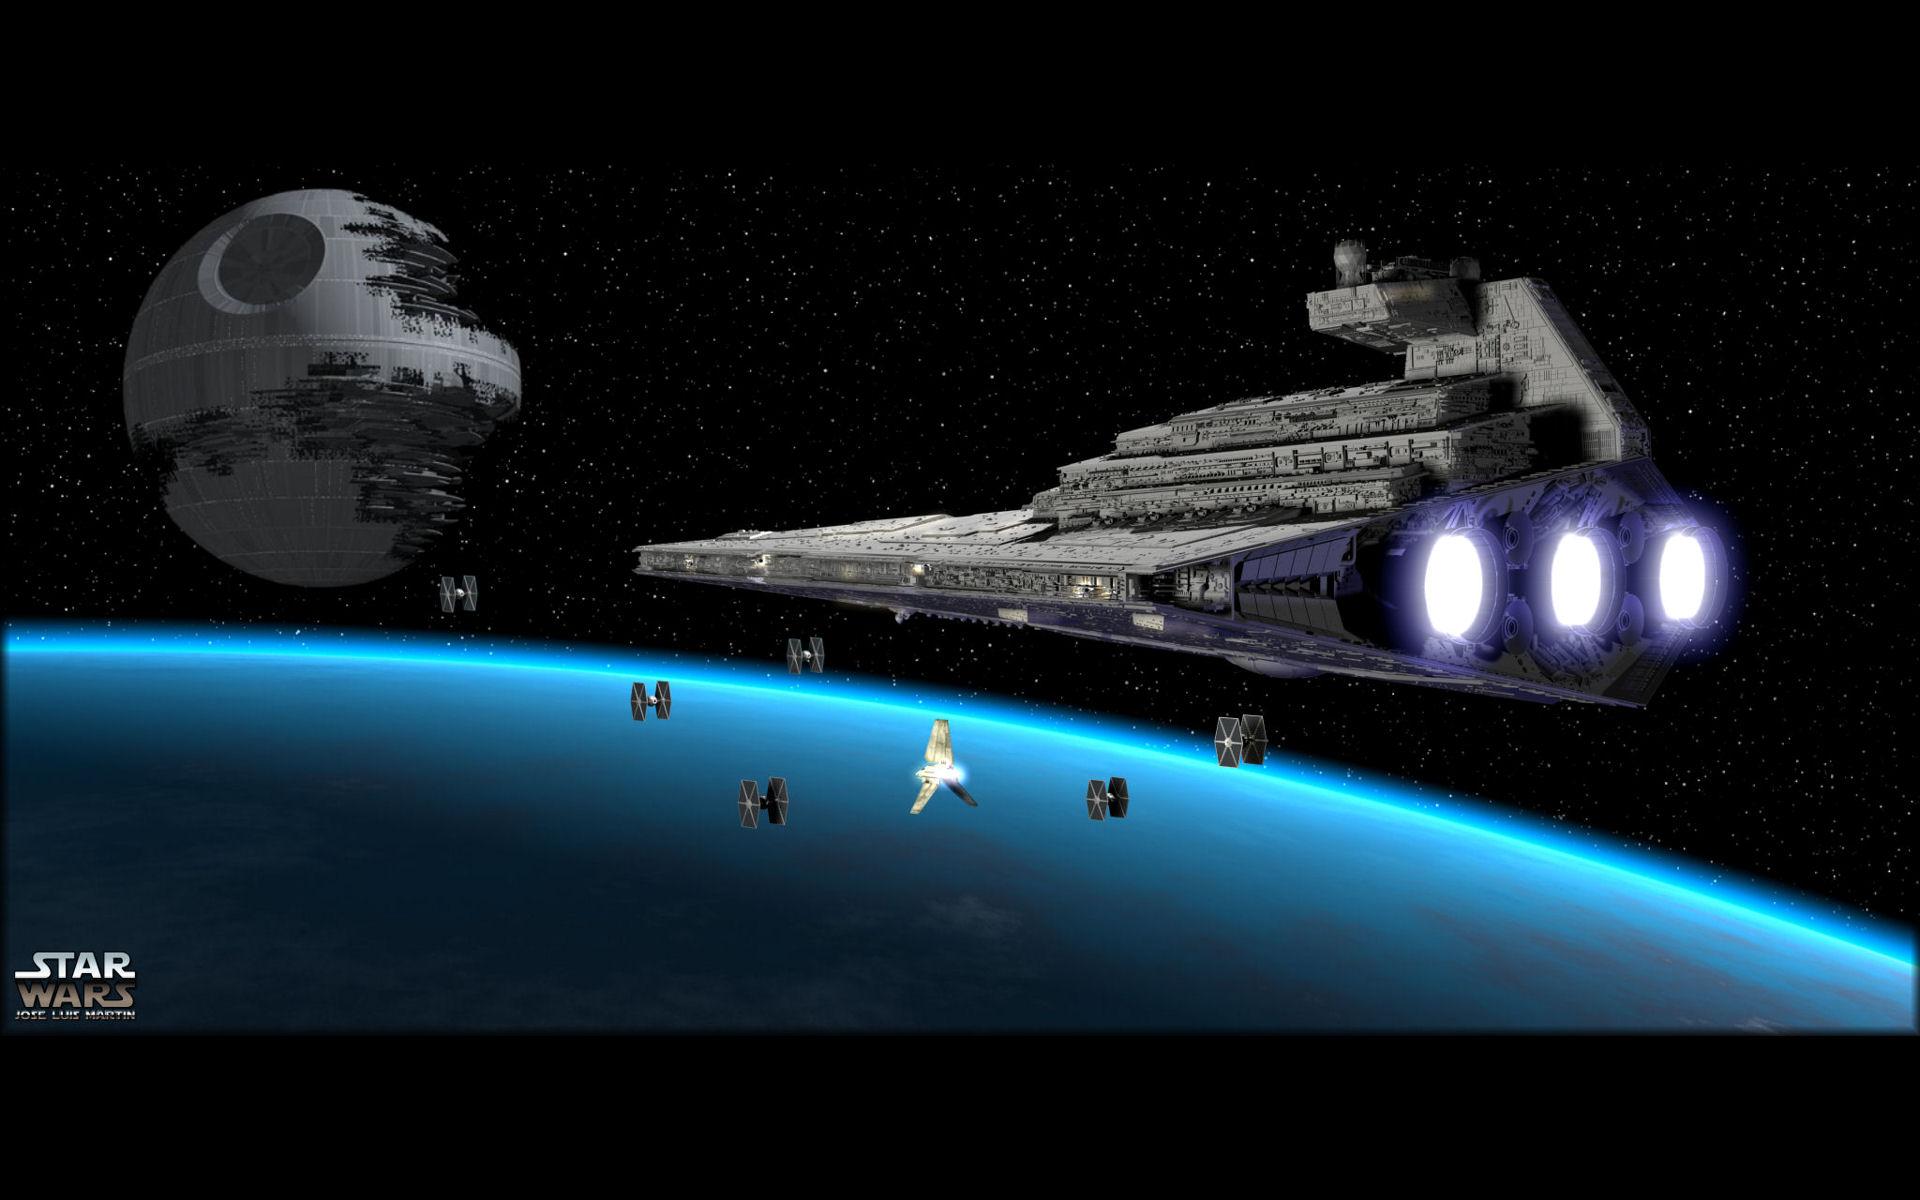 Star Wars Wallpaper 1920x1200 Star Wars Death Star Tie Fighters 1920x1200